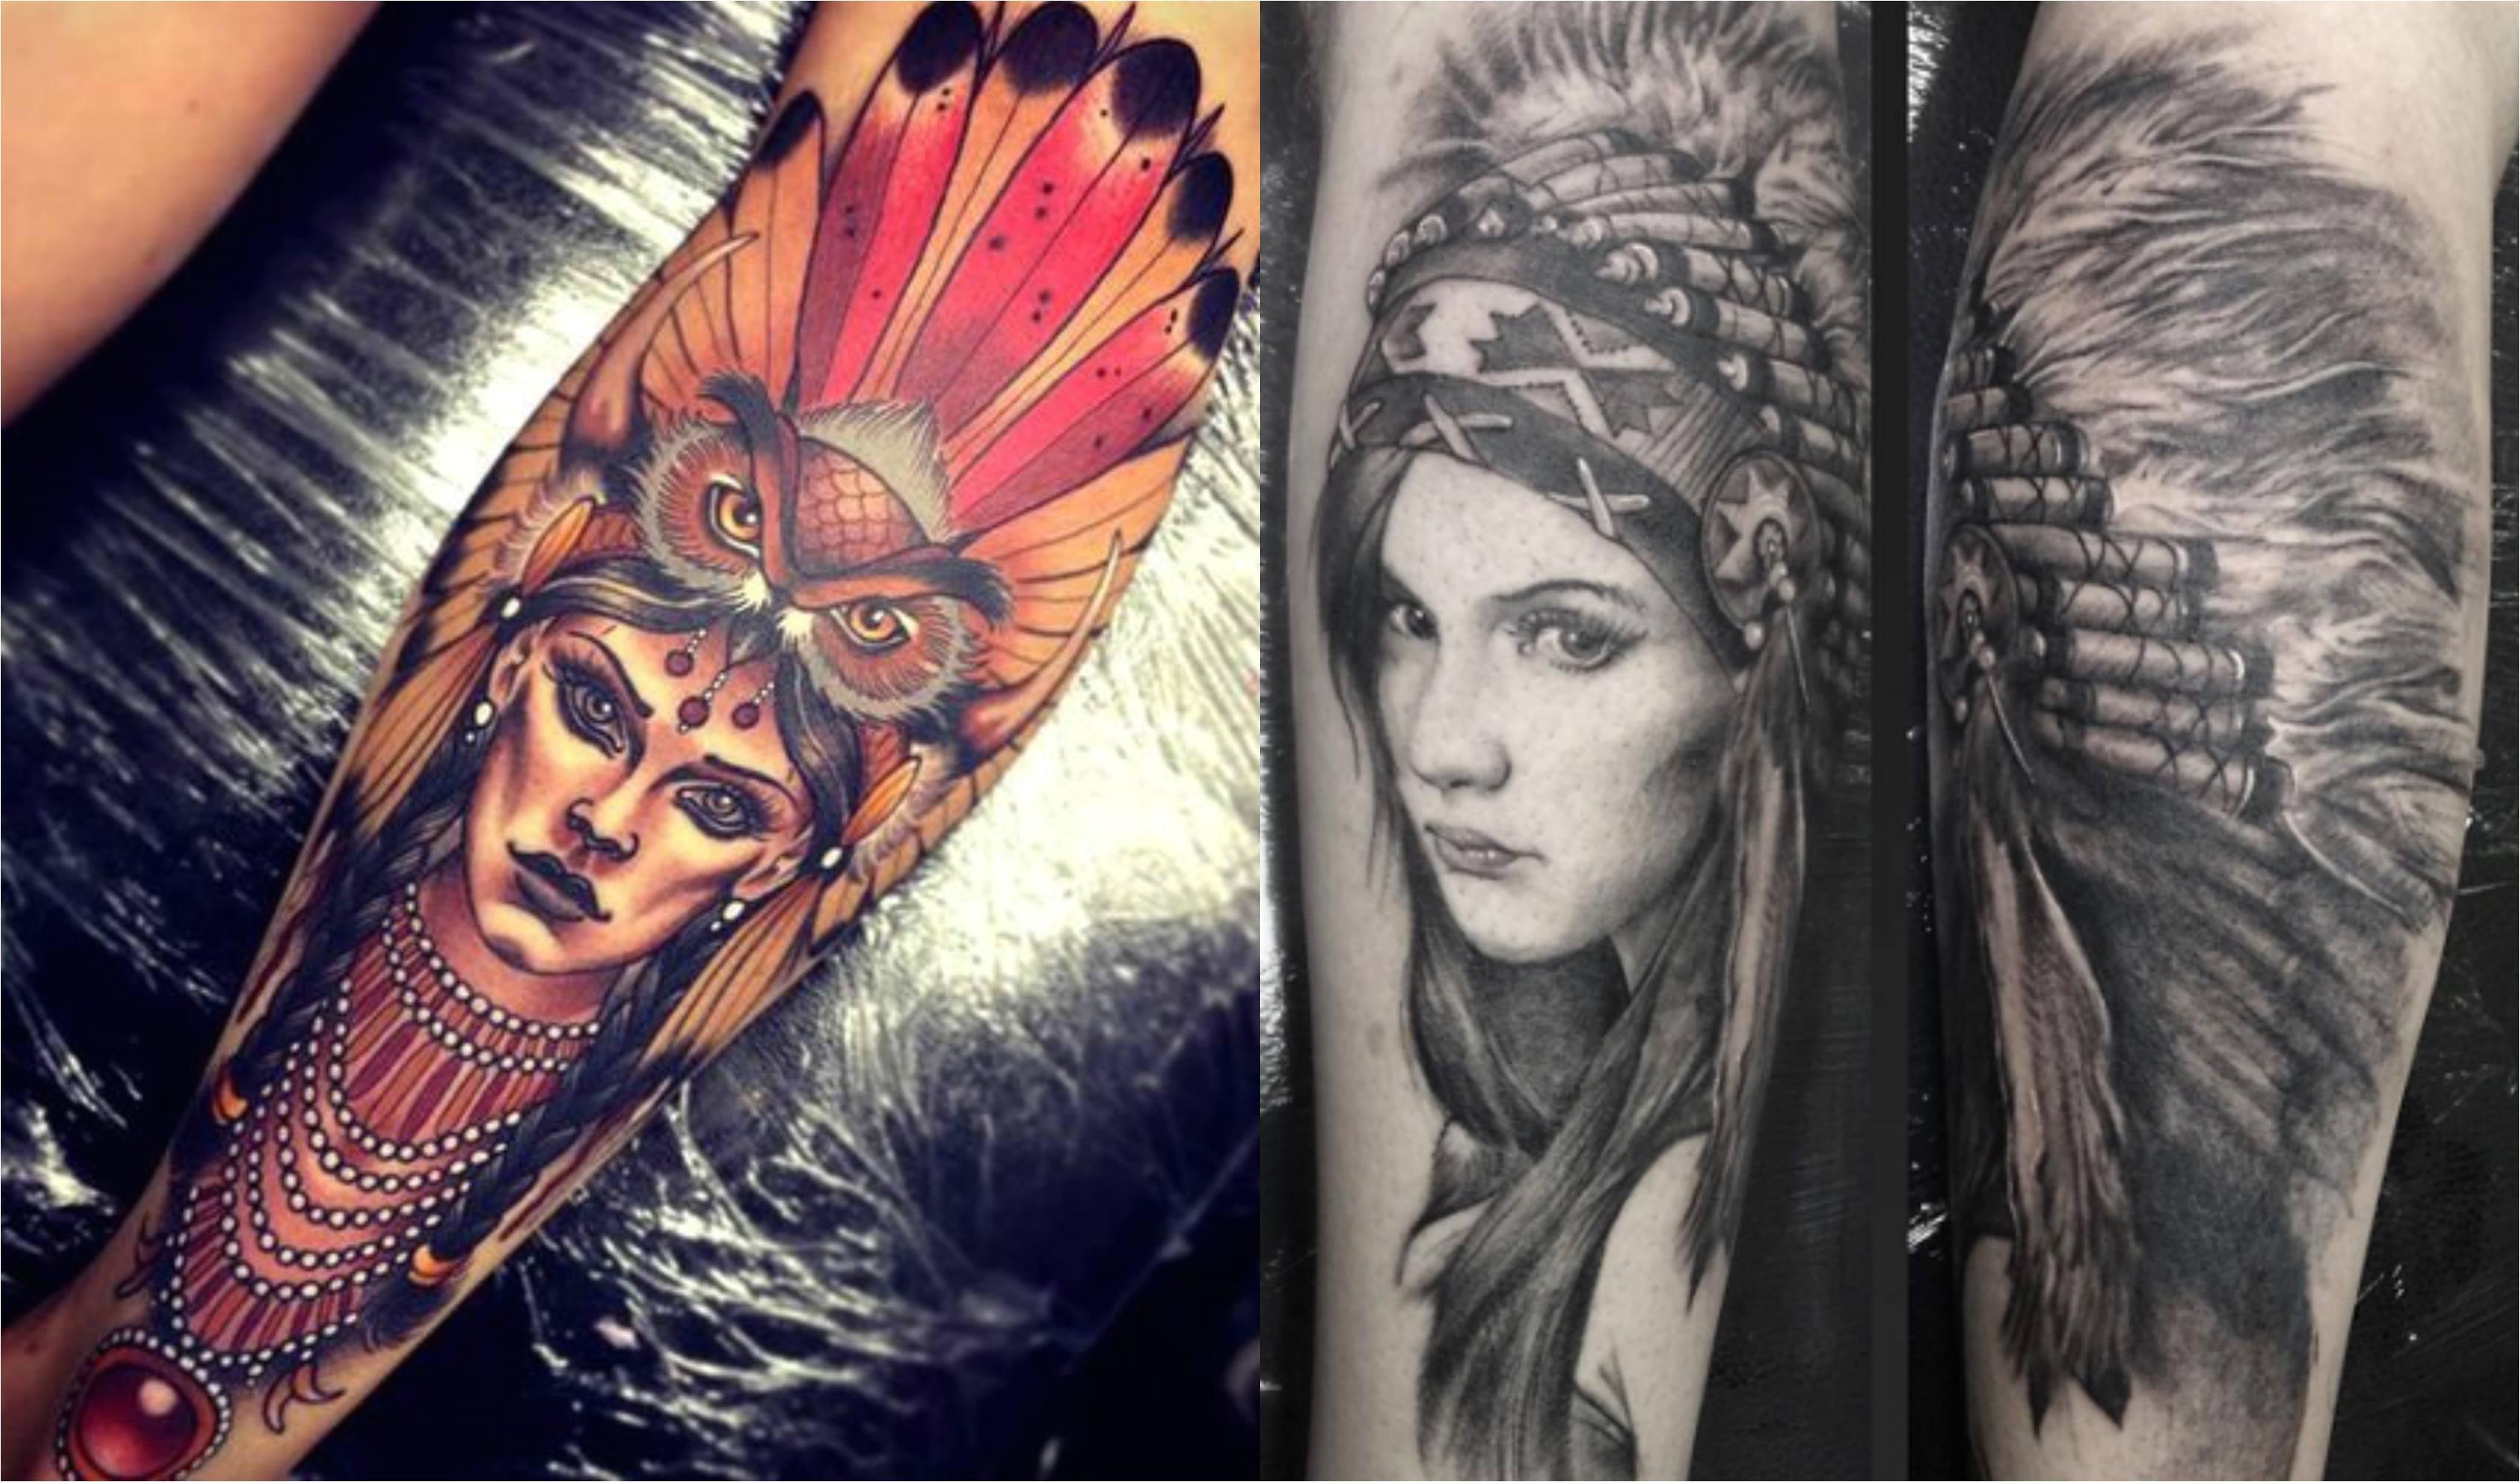 Tatouage Amerin n Idea Femme tatouage en Amérique du Nord sur le tatouage de la peau